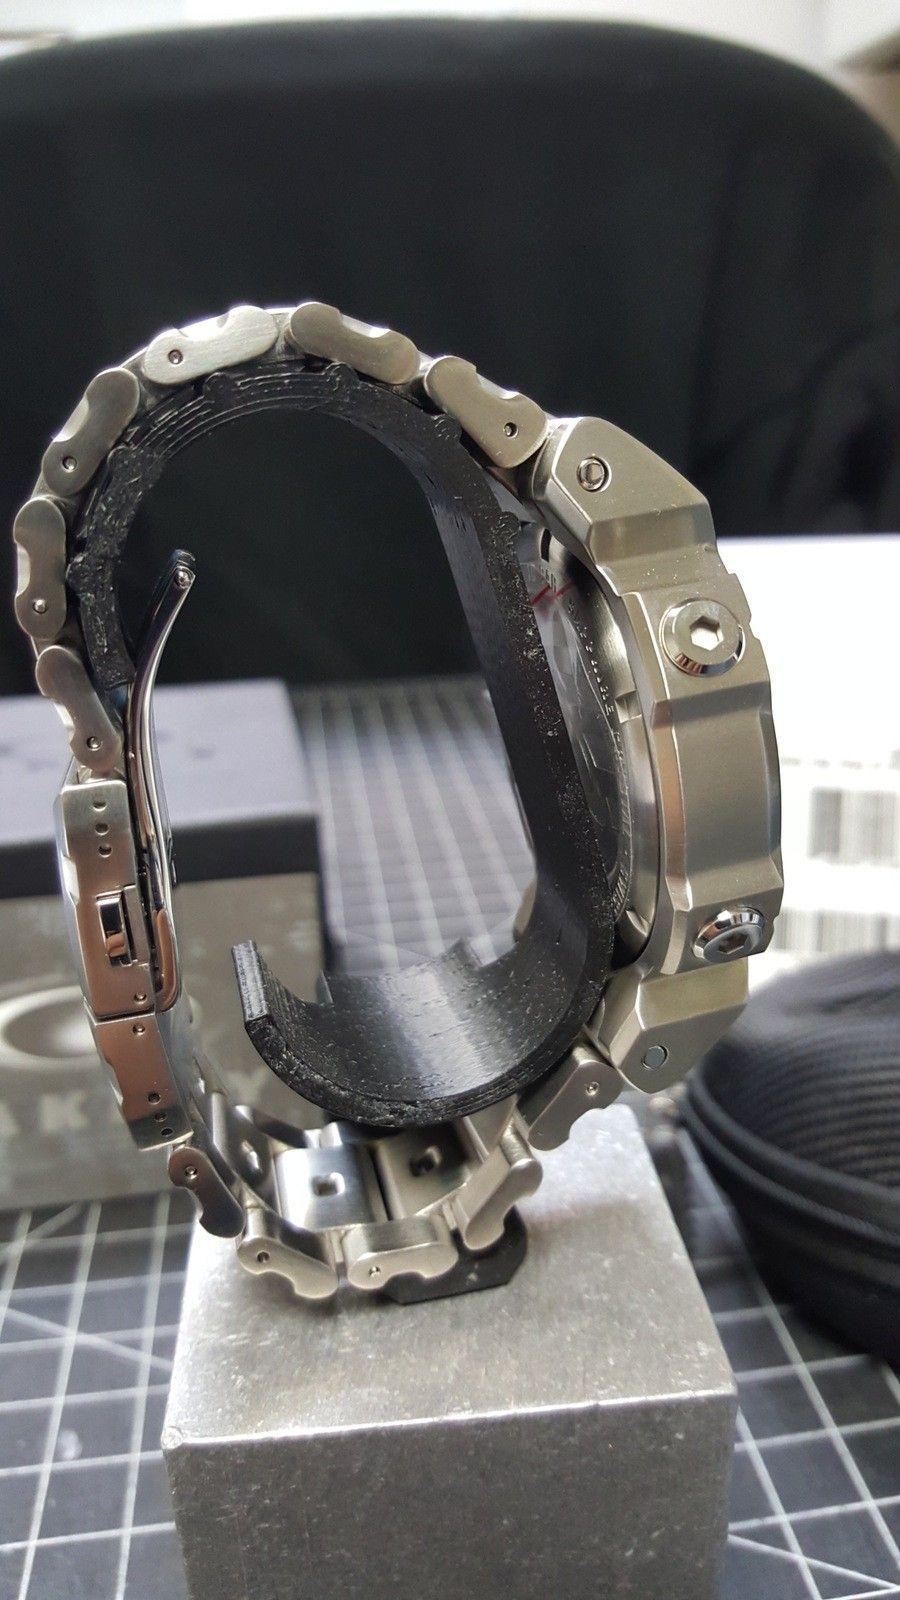 Double Tap - 800.00 Watch - Total Cost - Nib. w/metal bracelet w/case CONUS - 20160111_095003.jpg